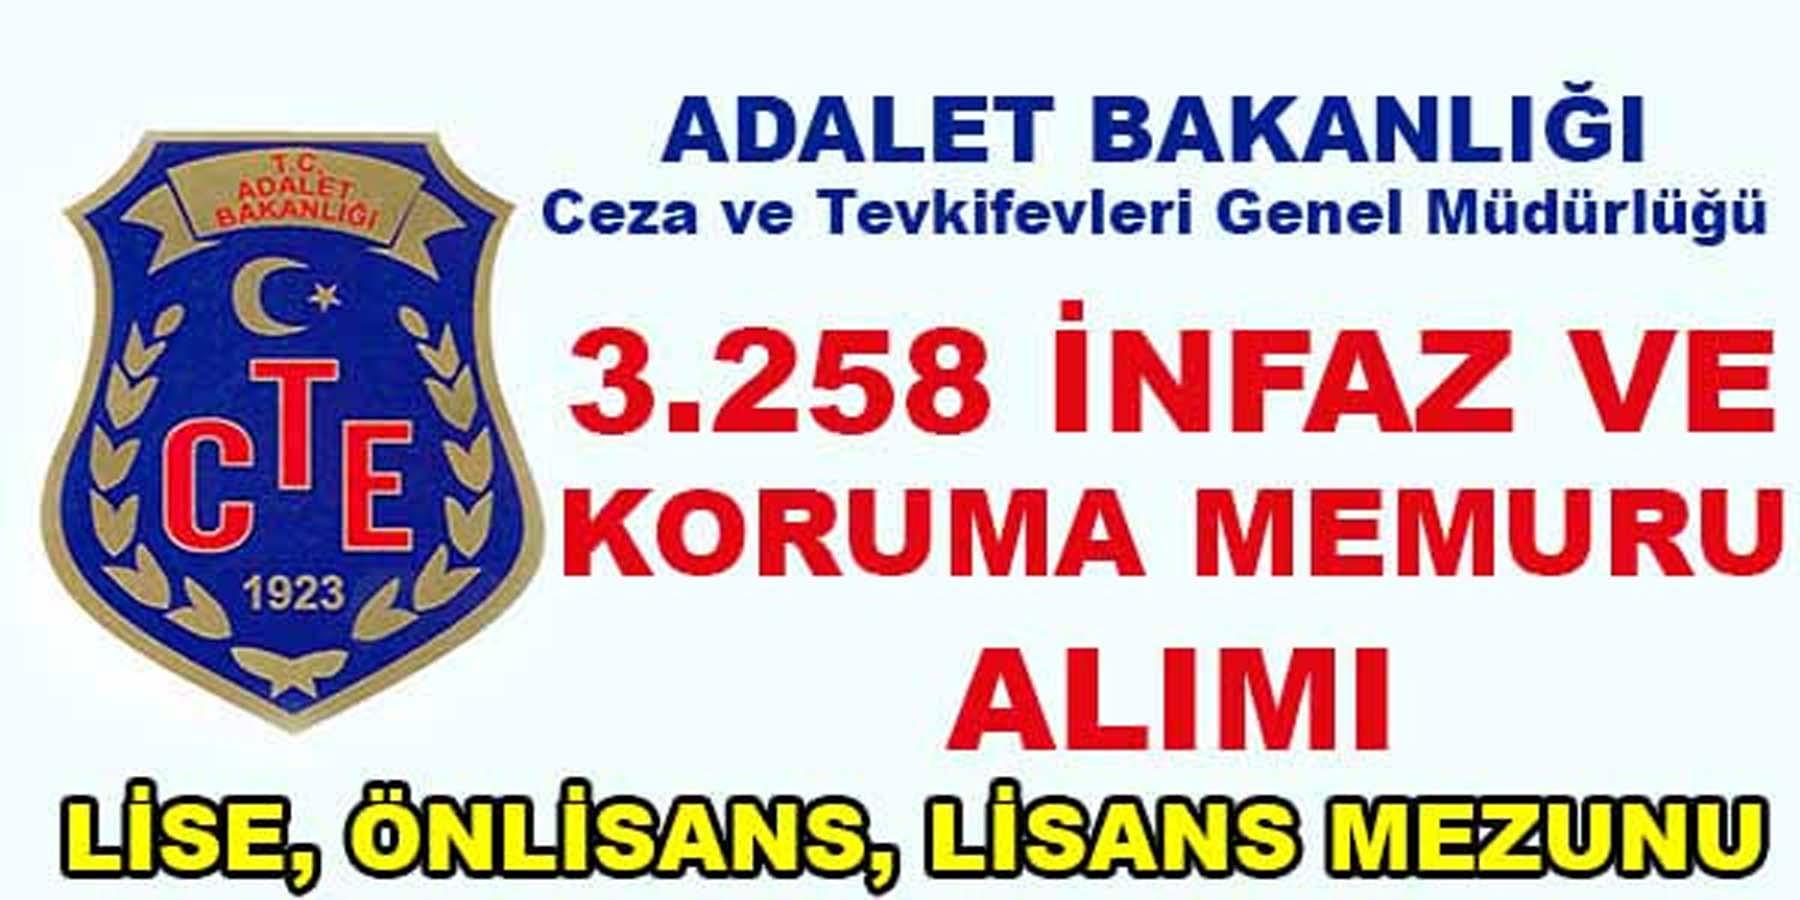 Adalet Bakanlığı 3258 İnfaz ve Koruma Memuru Alımı